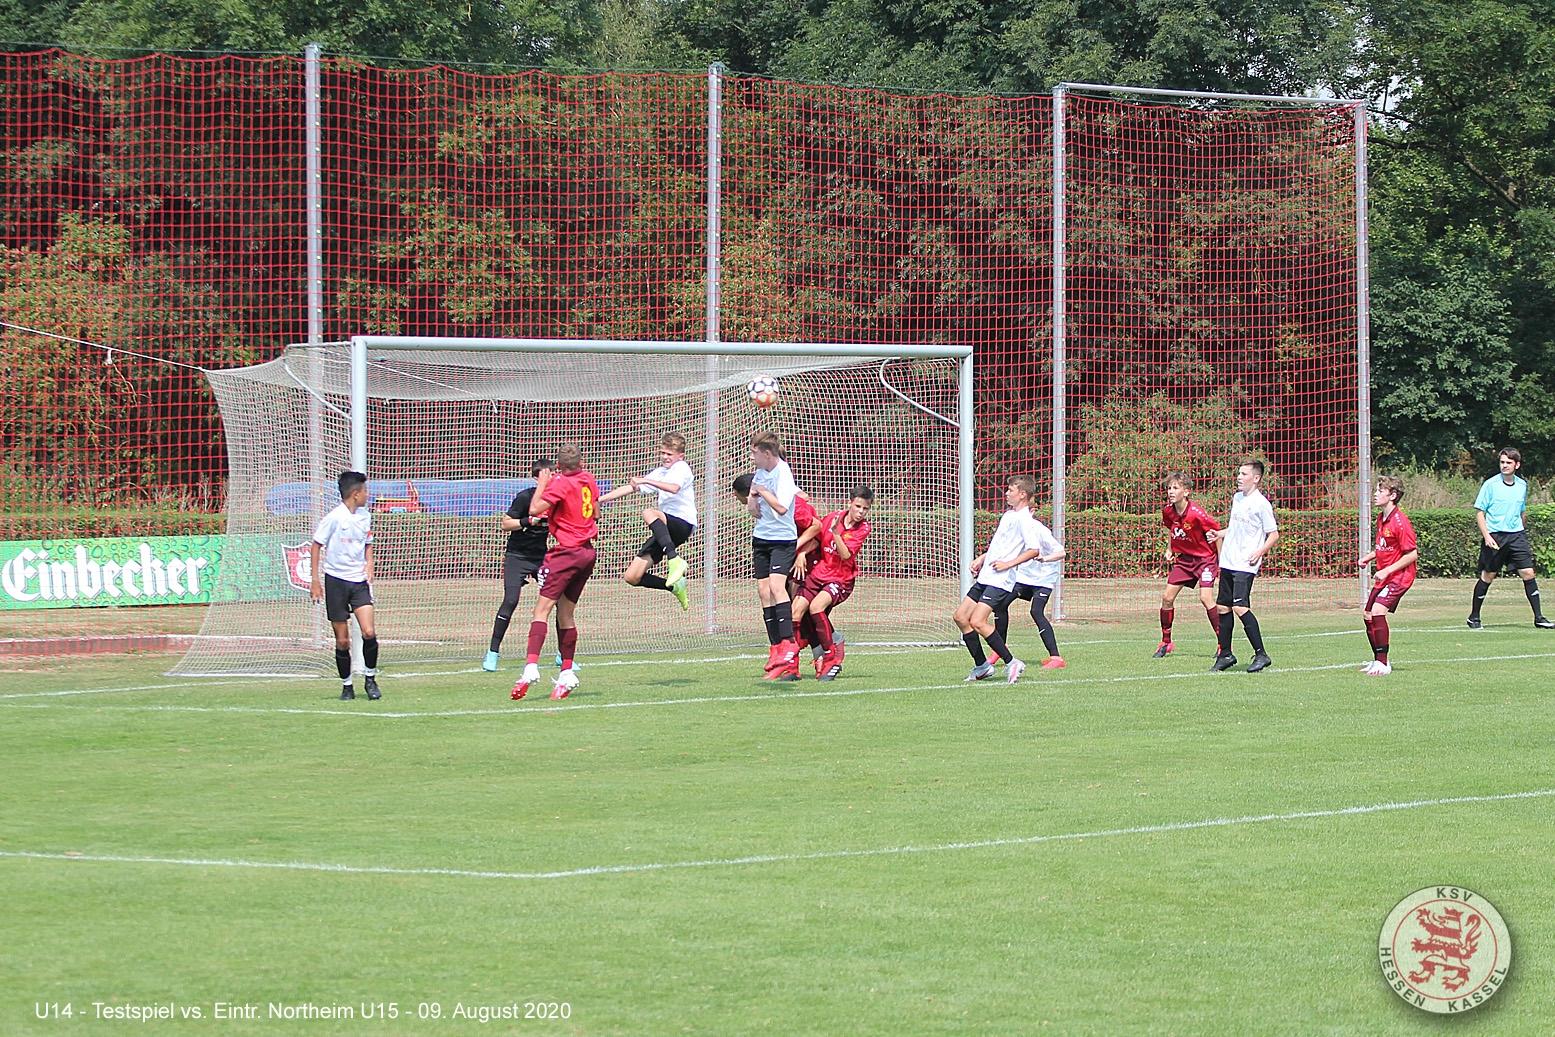 Eintracht Northeim U15 - U14